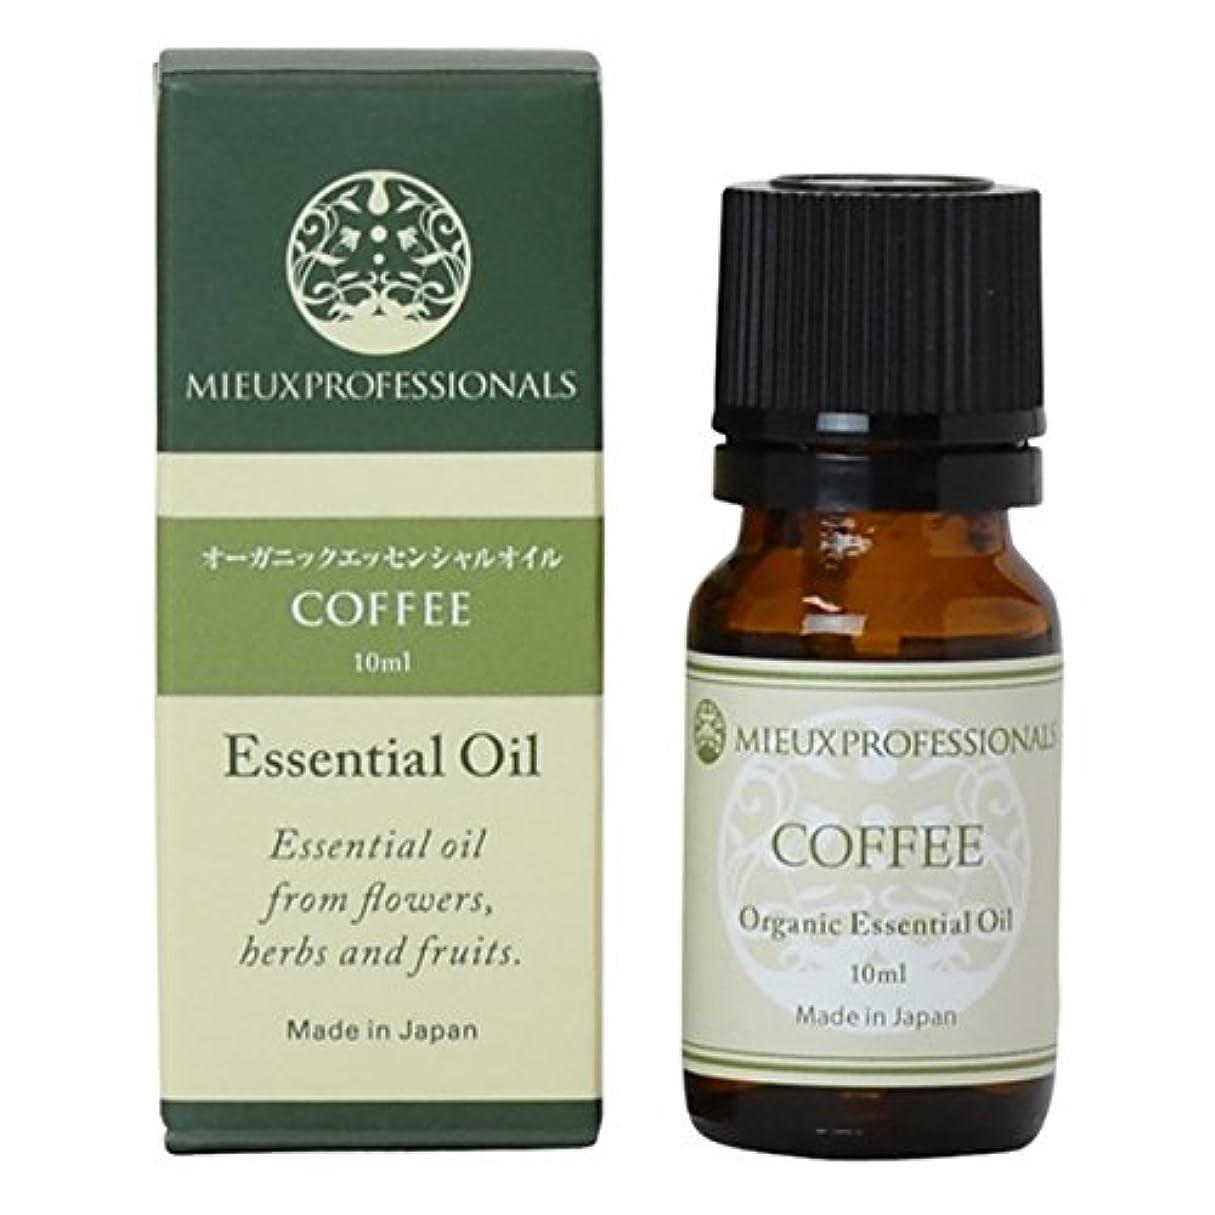 ダーツグラフィックフォーカスオーガニックCO2エキストラクト コーヒー 10ml